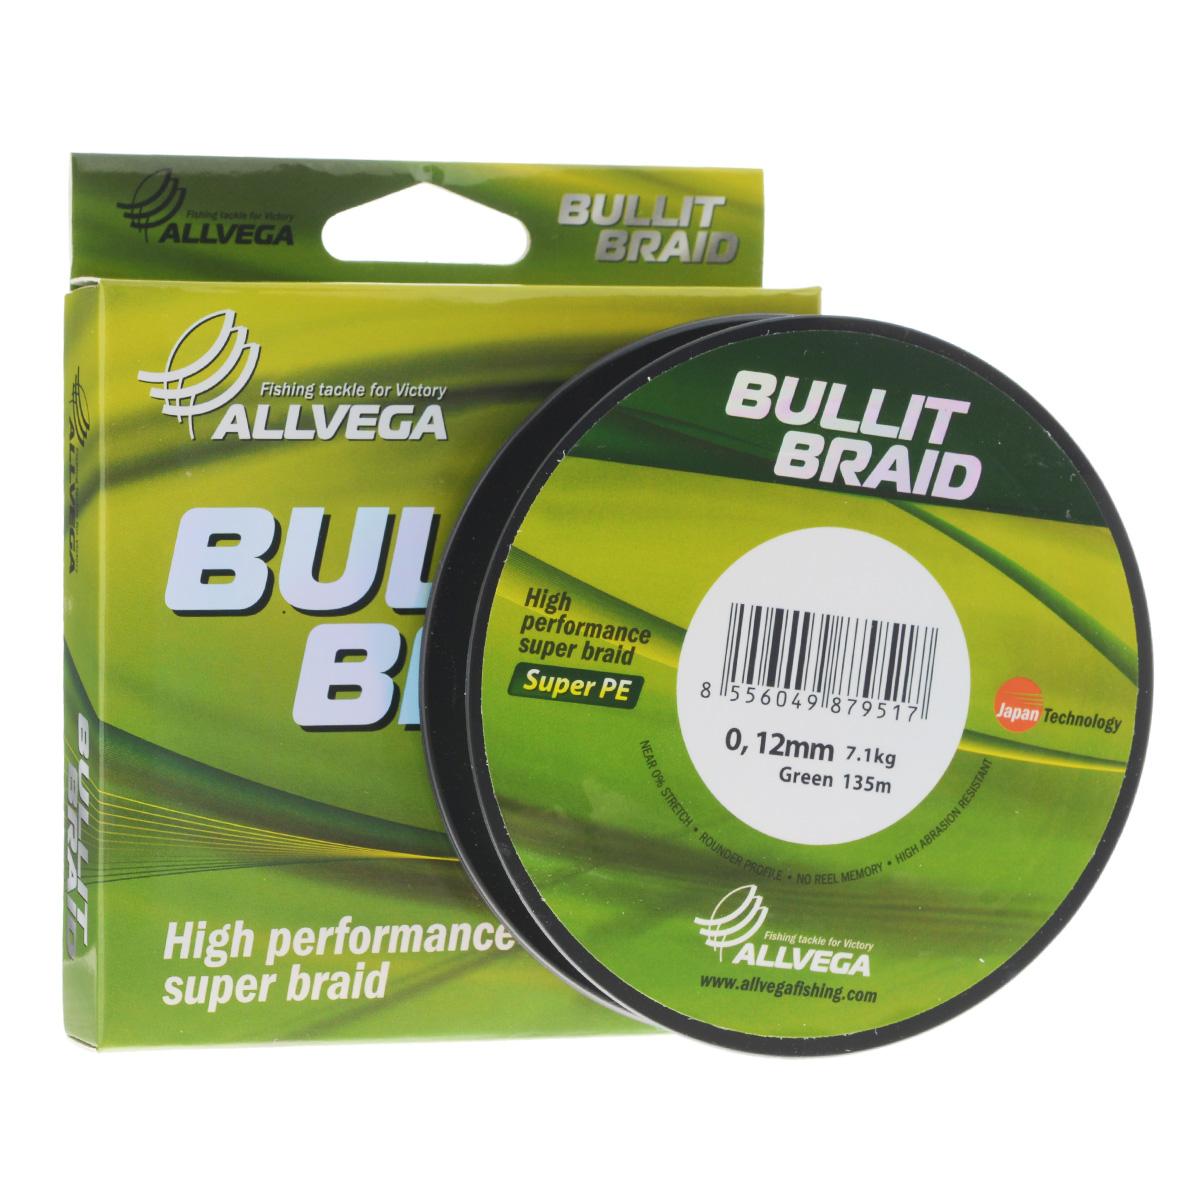 Леска плетеная Allvega Bullit Braid, цвет: темно-зеленый, 135 м, 0,12 мм, 7,1 кг21440Леска Allvega Bullit Braid с гладкой поверхностью и одинаковым сечением по всей длине обладает высокой износостойкостью. Благодаря микроволокнам полиэтилена (Super PE) леска имеет очень плотное плетение и не впитывает воду. Леску Allvega Bullit Braid можно применять в любых типах водоемов. Особенности:повышенная износостойкость;высокая чувствительность - коэффициент растяжения близок к нулю;отсутствует память; идеально гладкая поверхность позволяет увеличить дальность забросов; высокая прочность шнура на узлах.